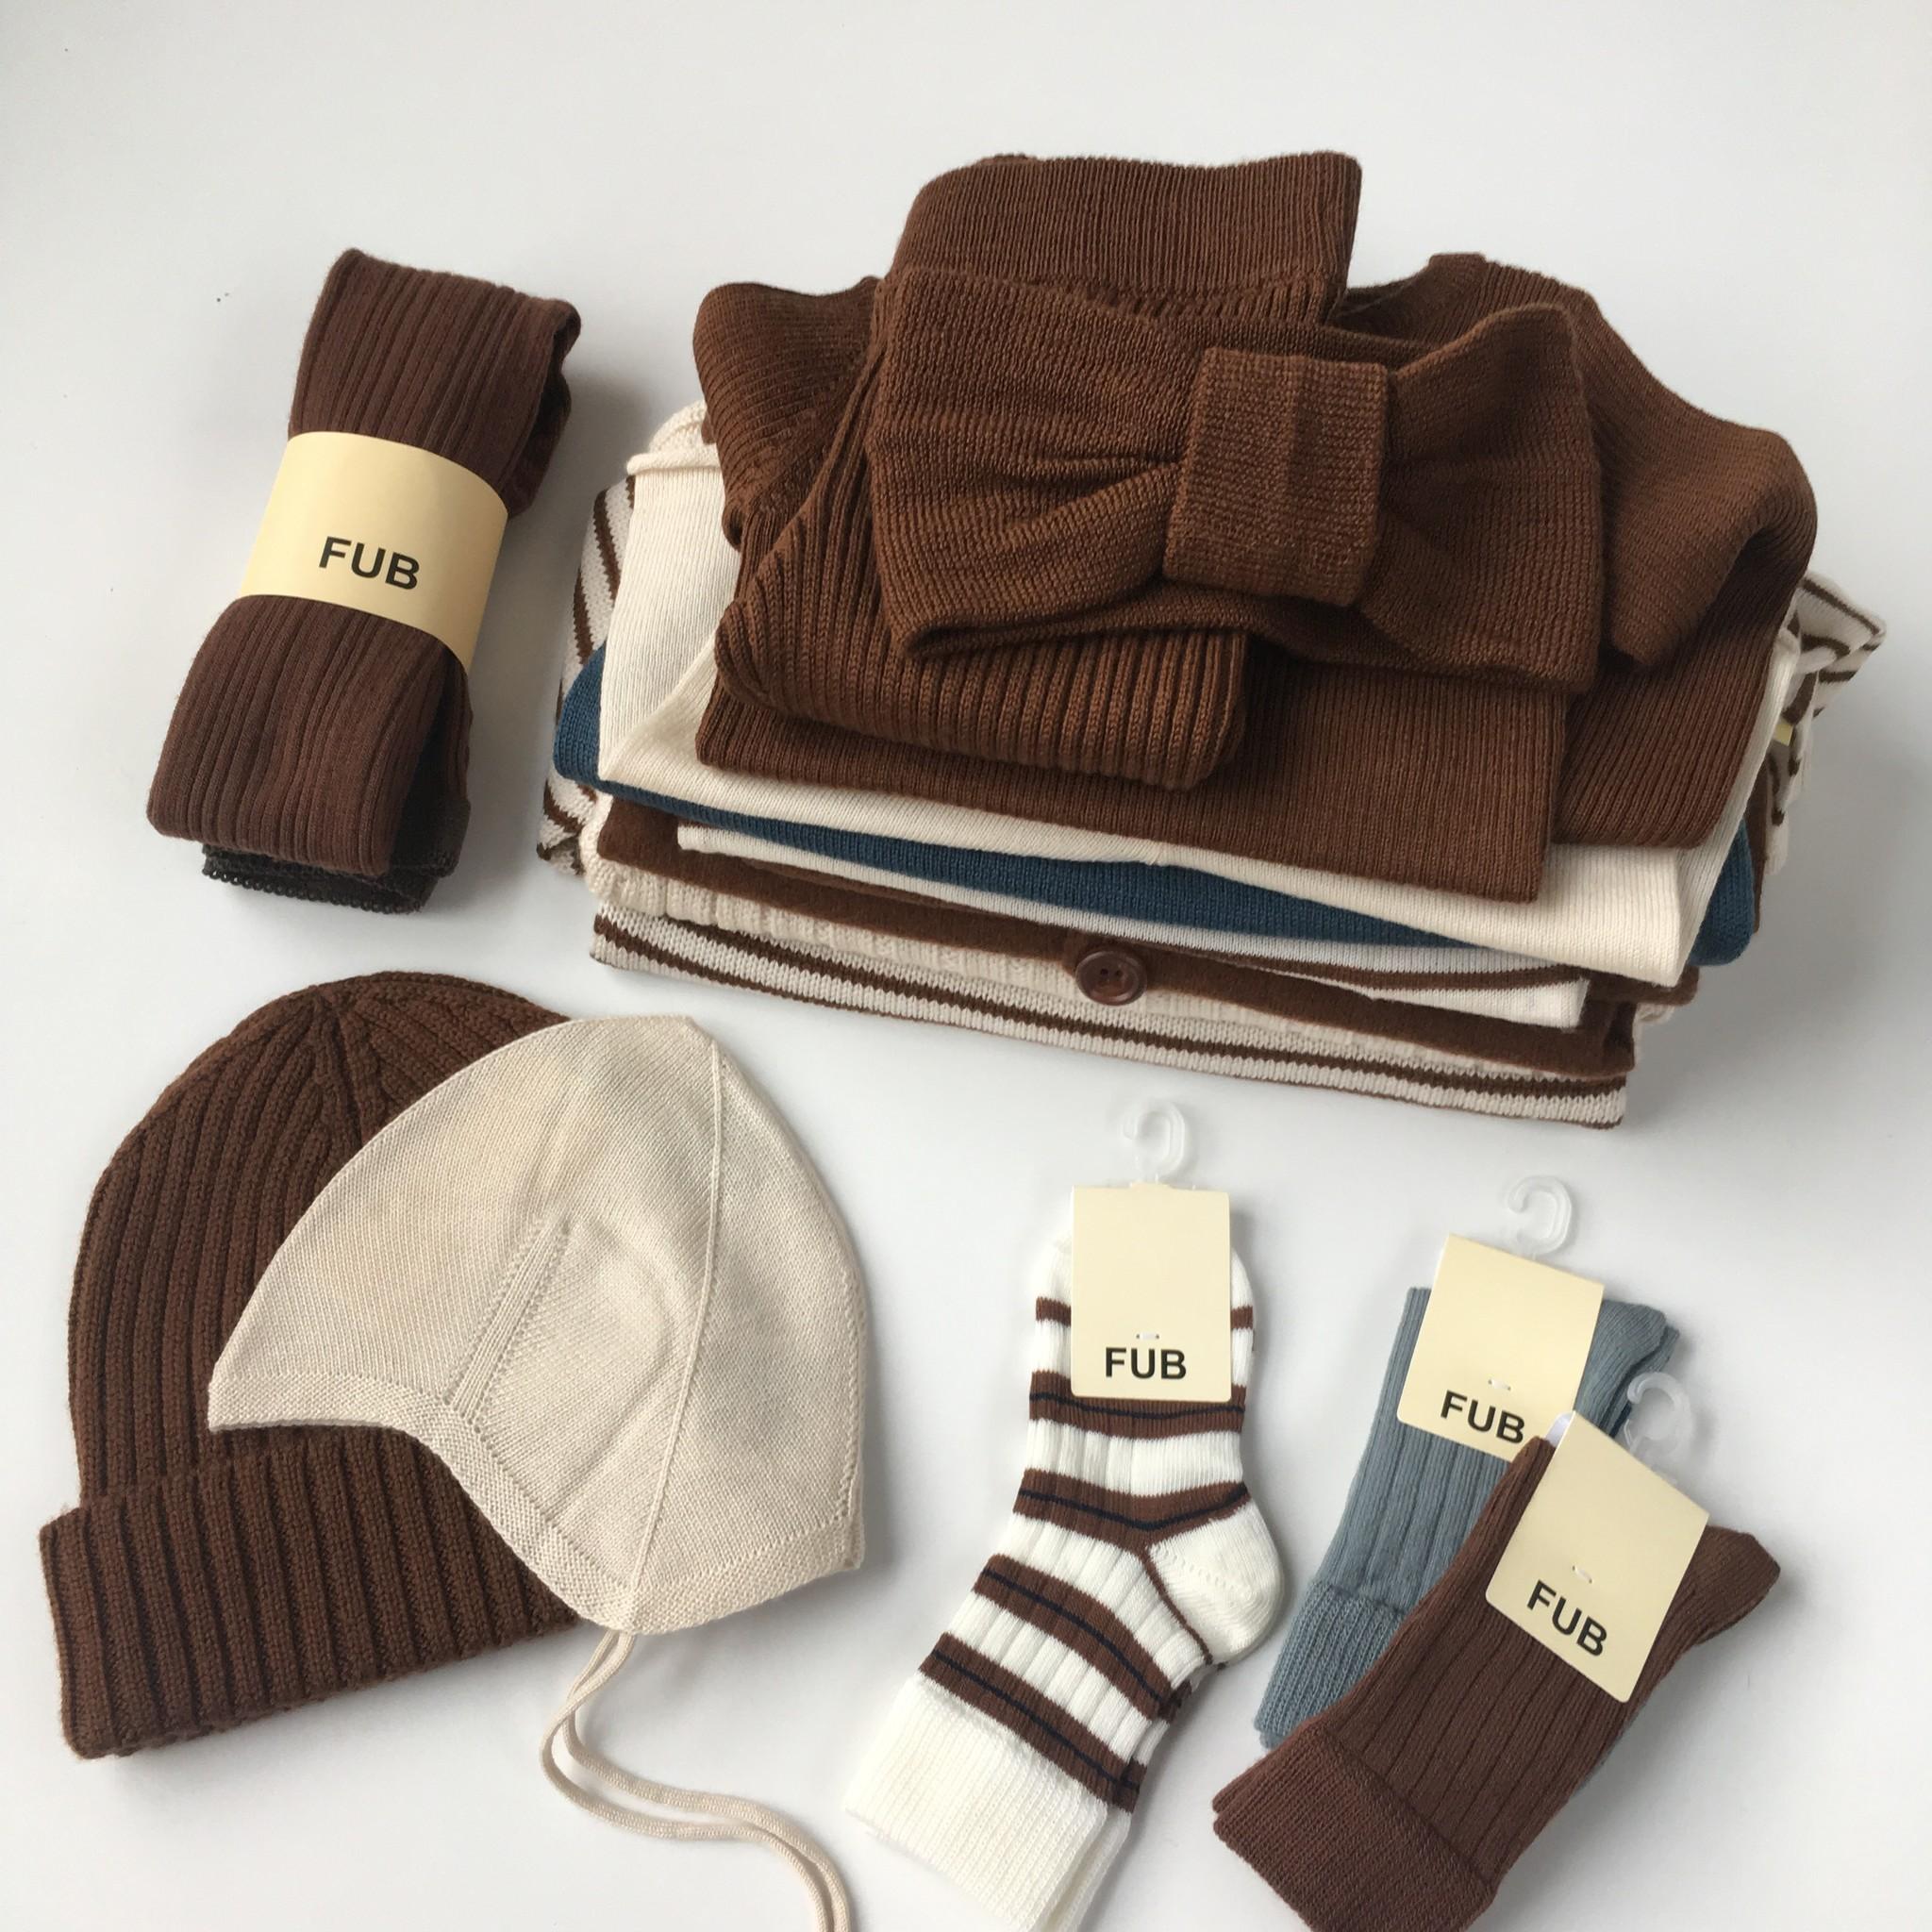 FUB gekookte wollen baby jasje - 100% merino wol - umber buin - 56 tm 92